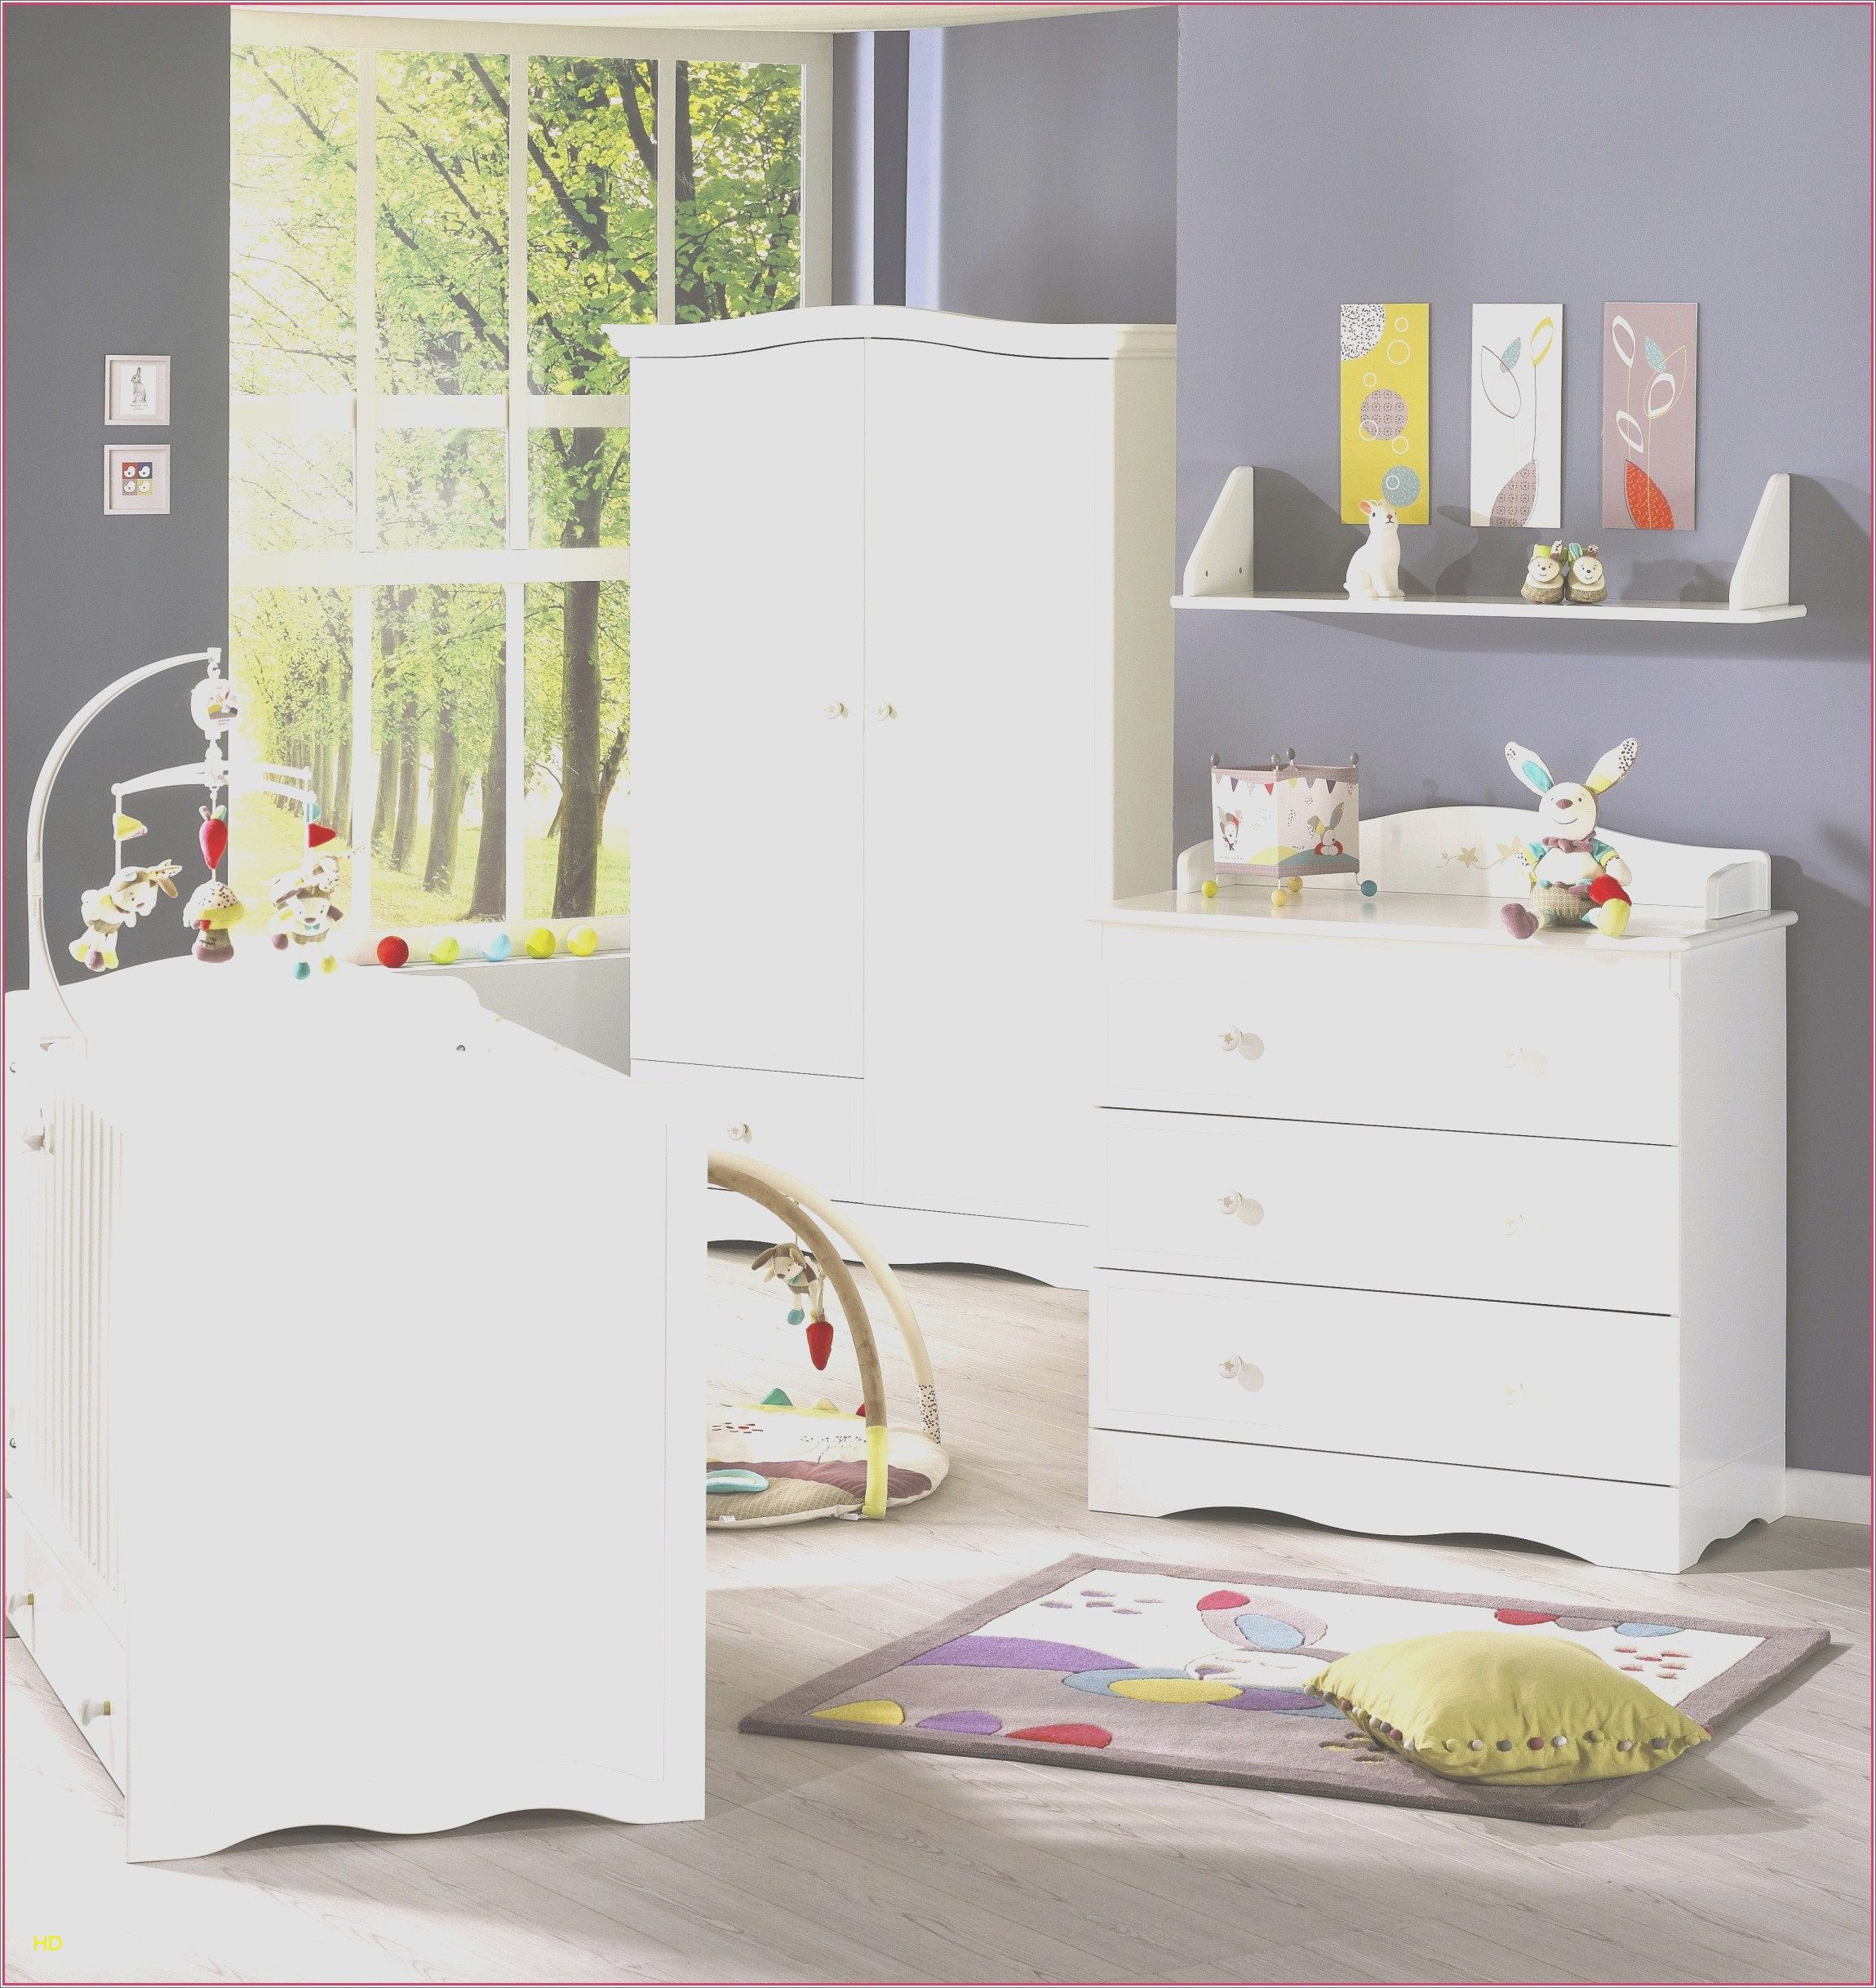 Lit Superposé Evolutif Luxe Séduisant Chambre Enfant Lit Superposé Ou Lit Biné Armoire Fresh Lit